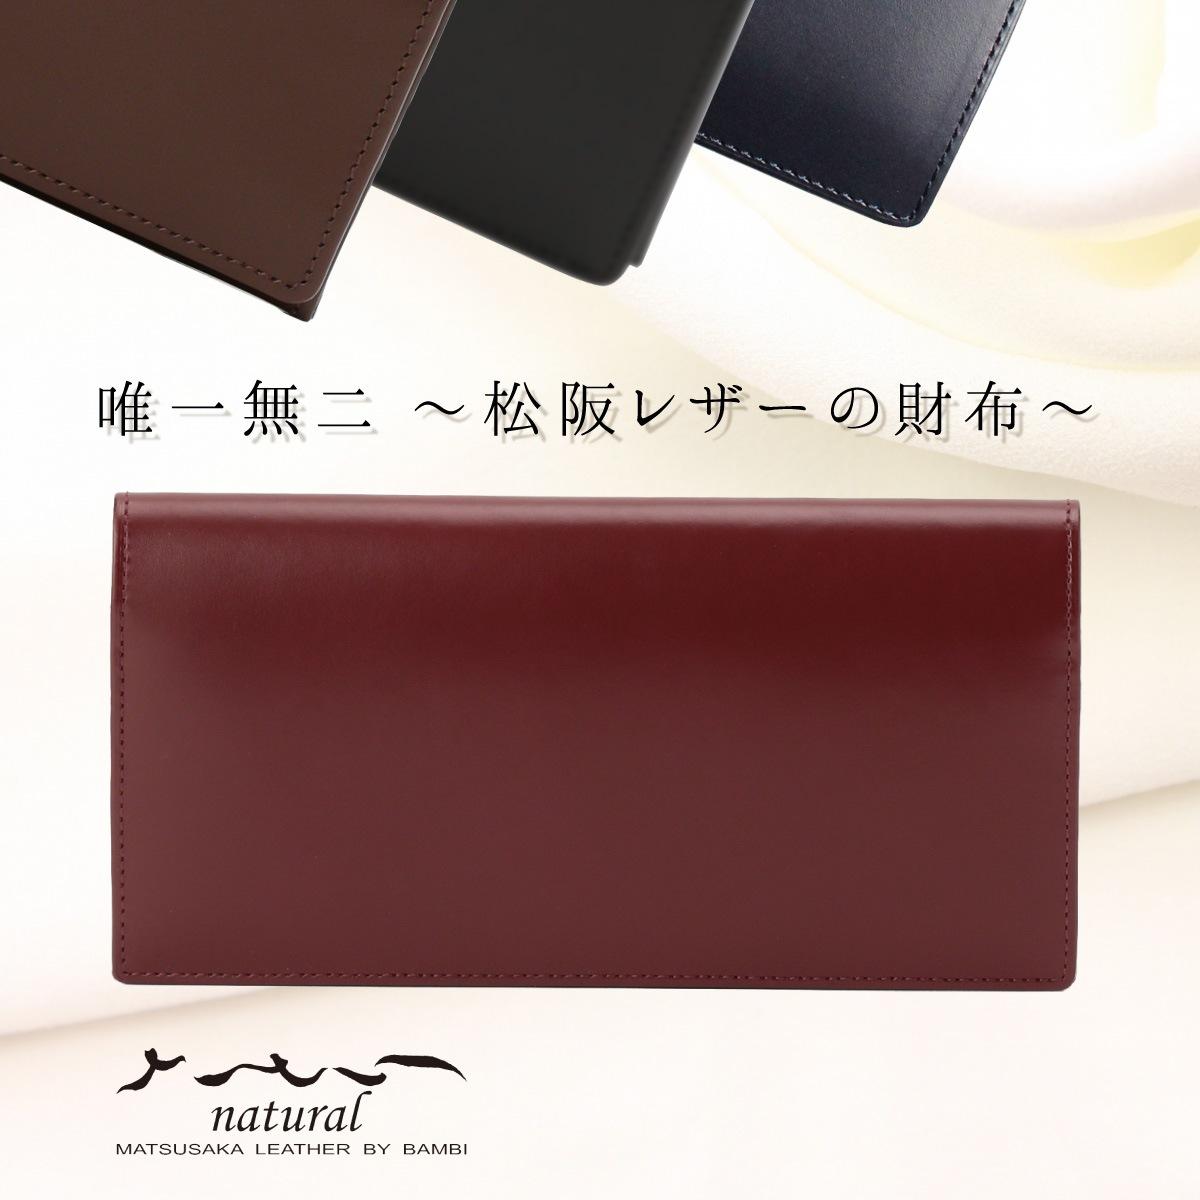 松阪レザーのプレミアム財布 さとりナチュラル 長財布 【カラー:葡萄】